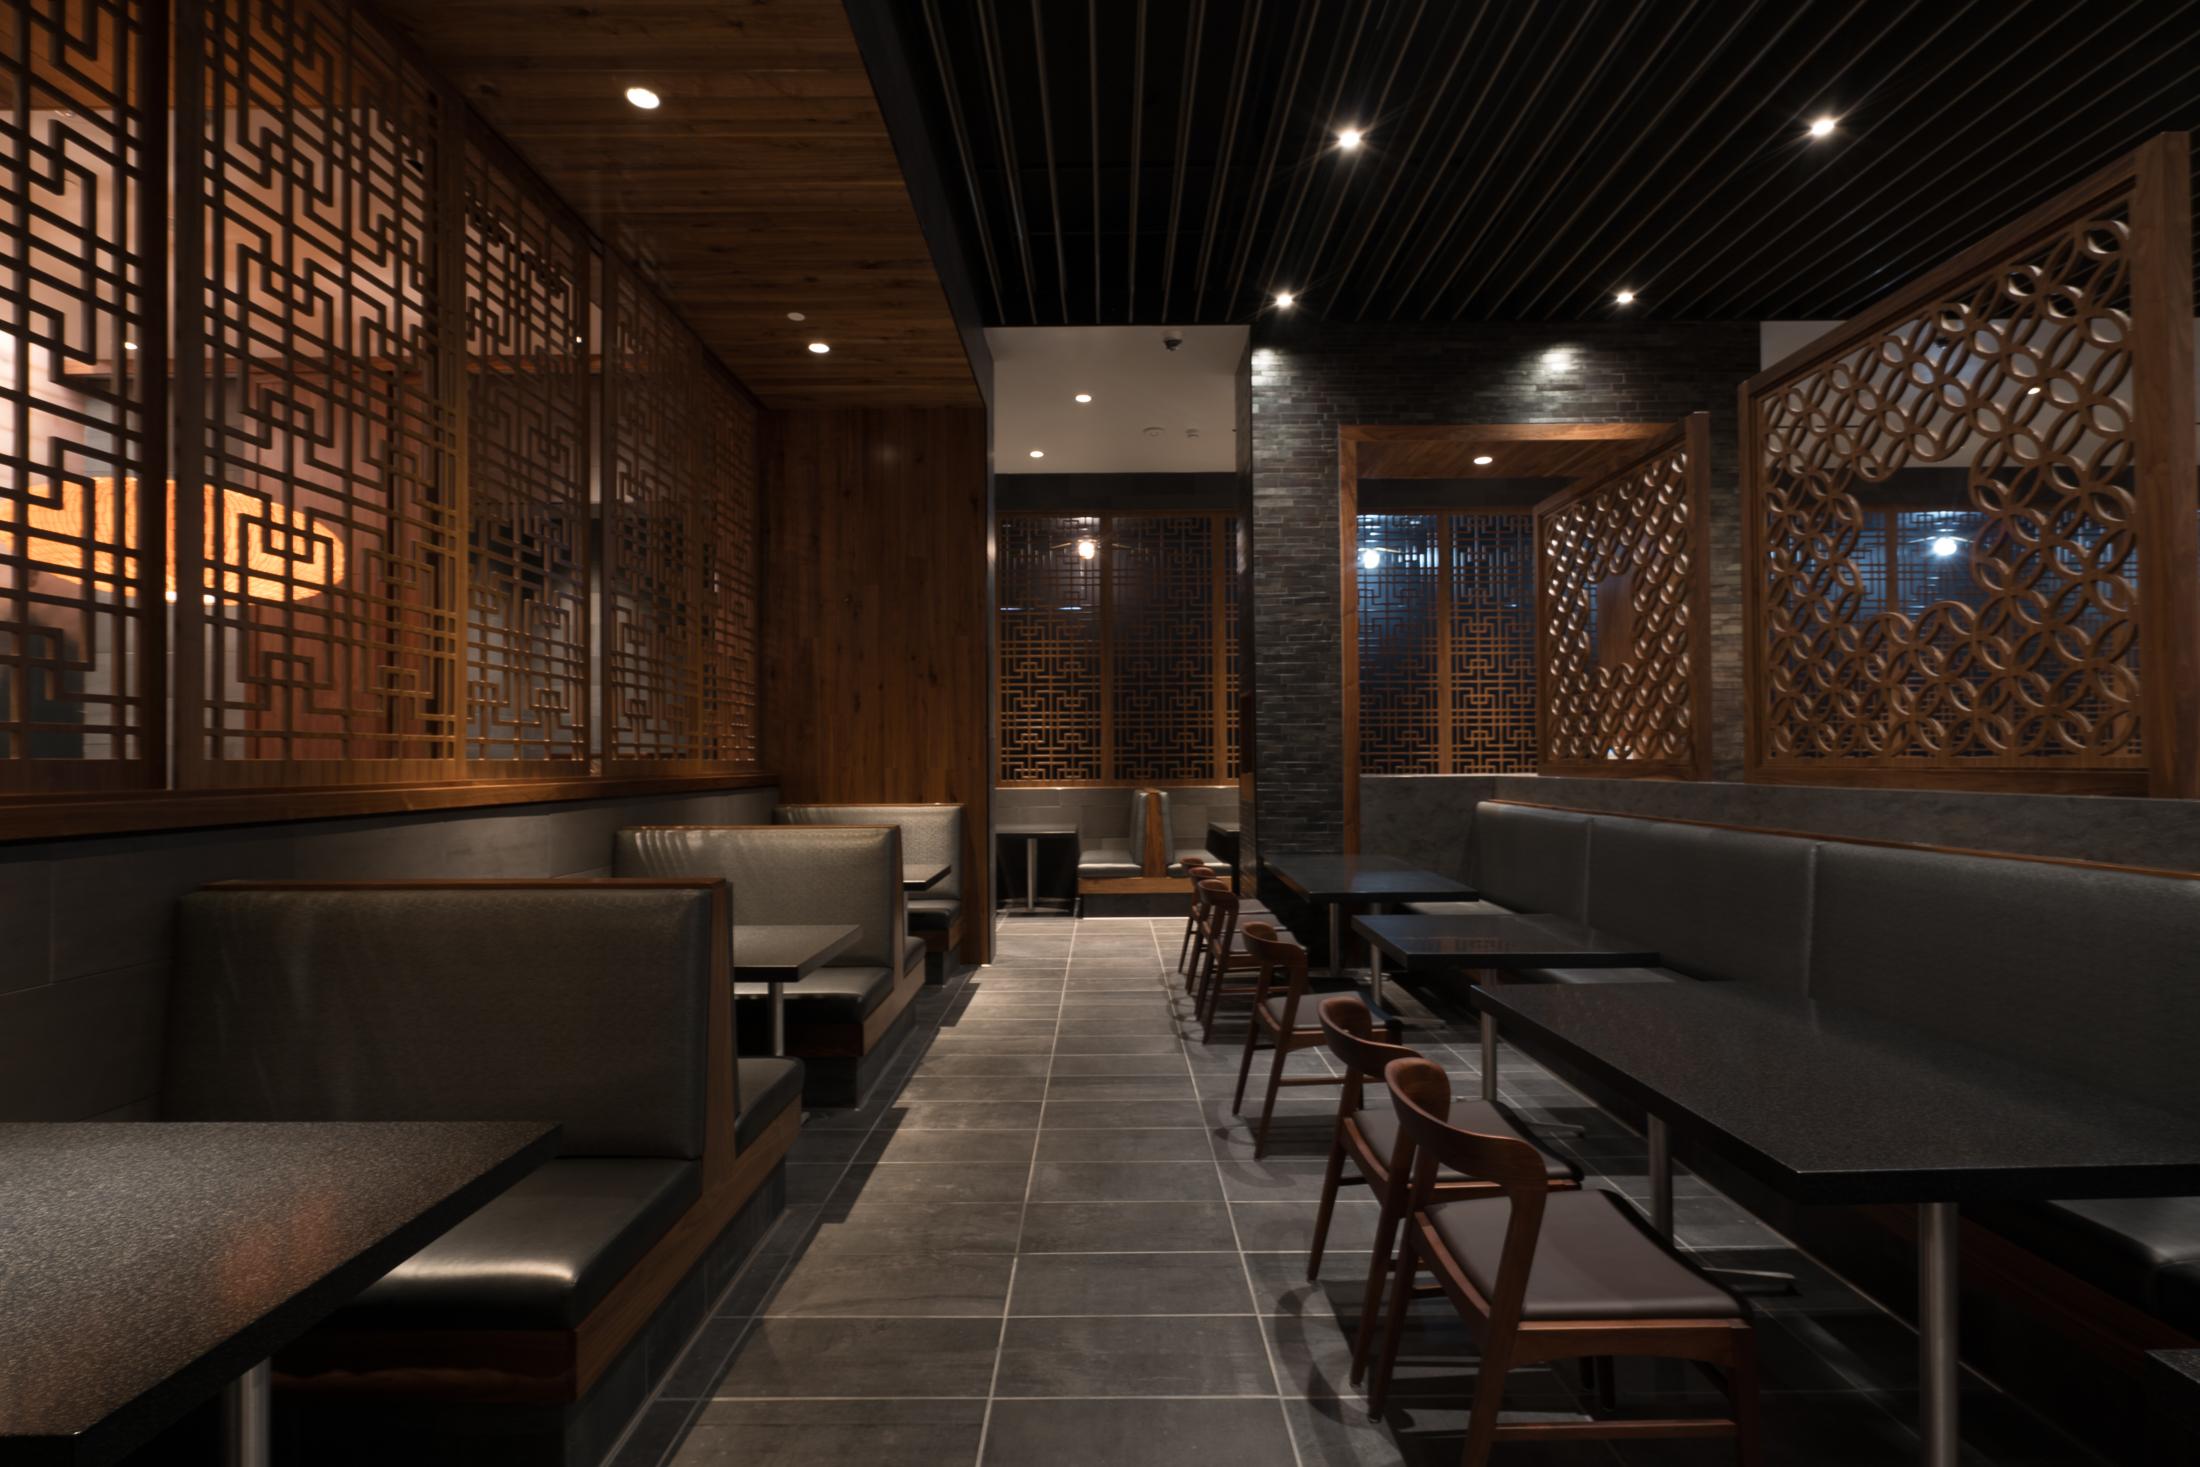 Din Tai Fung Restaurant Arcadia Ca